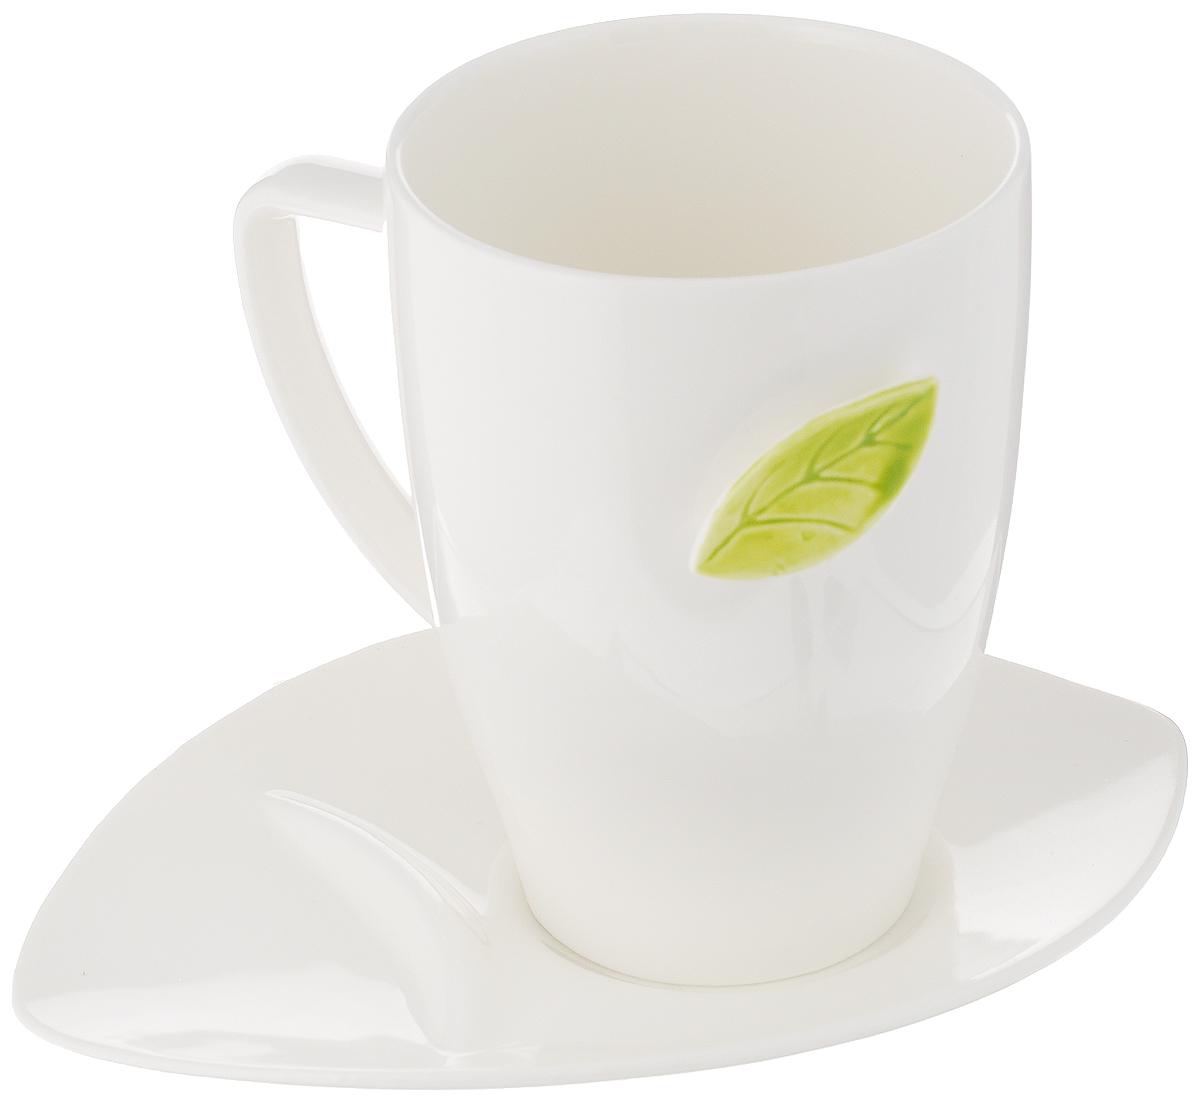 Чайная пара Tescoma Yasmin, 2 предмета115010Чайная пара Tescoma Yasmin состоит из кружки крючком в форме листка для крепления чайных пакетиков при заваривании и блюдца специальной формы для откладывания пакетиков. Изделия выполнены из высококачественного фарфора. Современный дизайн, несомненно, придется вам по вкусу.Чайная пара Tescoma Yasmin украсит ваш кухонный стол, а также станет замечательным подарком к любому празднику.Можно использовать в микроволновой печи, холодильнике и мыть в посудомоечной машине.Объем чашки: 450 мл.Диаметр чашки (по верхнему краю): 8,5 см.Высота чашки: 12 см.Размер блюдца: 18 см.Высота блюдца: 2,7 см.